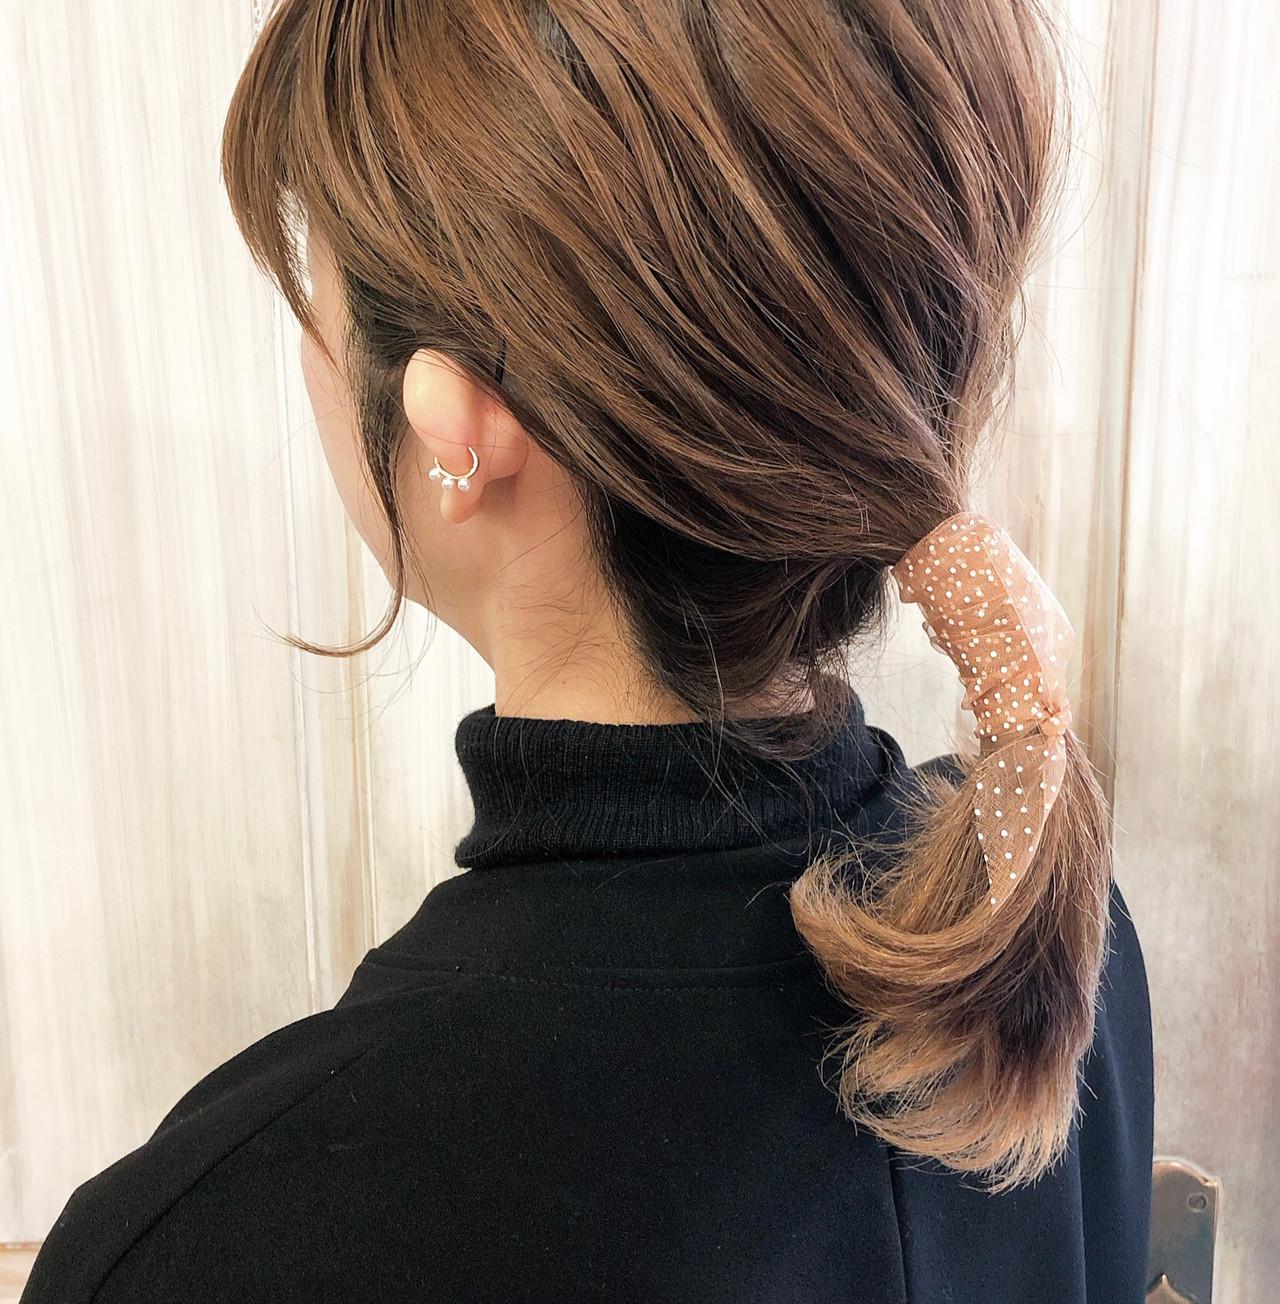 ミディアム ブリーチカラー ミルクティーベージュ ベージュ ヘアスタイルや髪型の写真・画像 | 稲見麻利子 / kotona